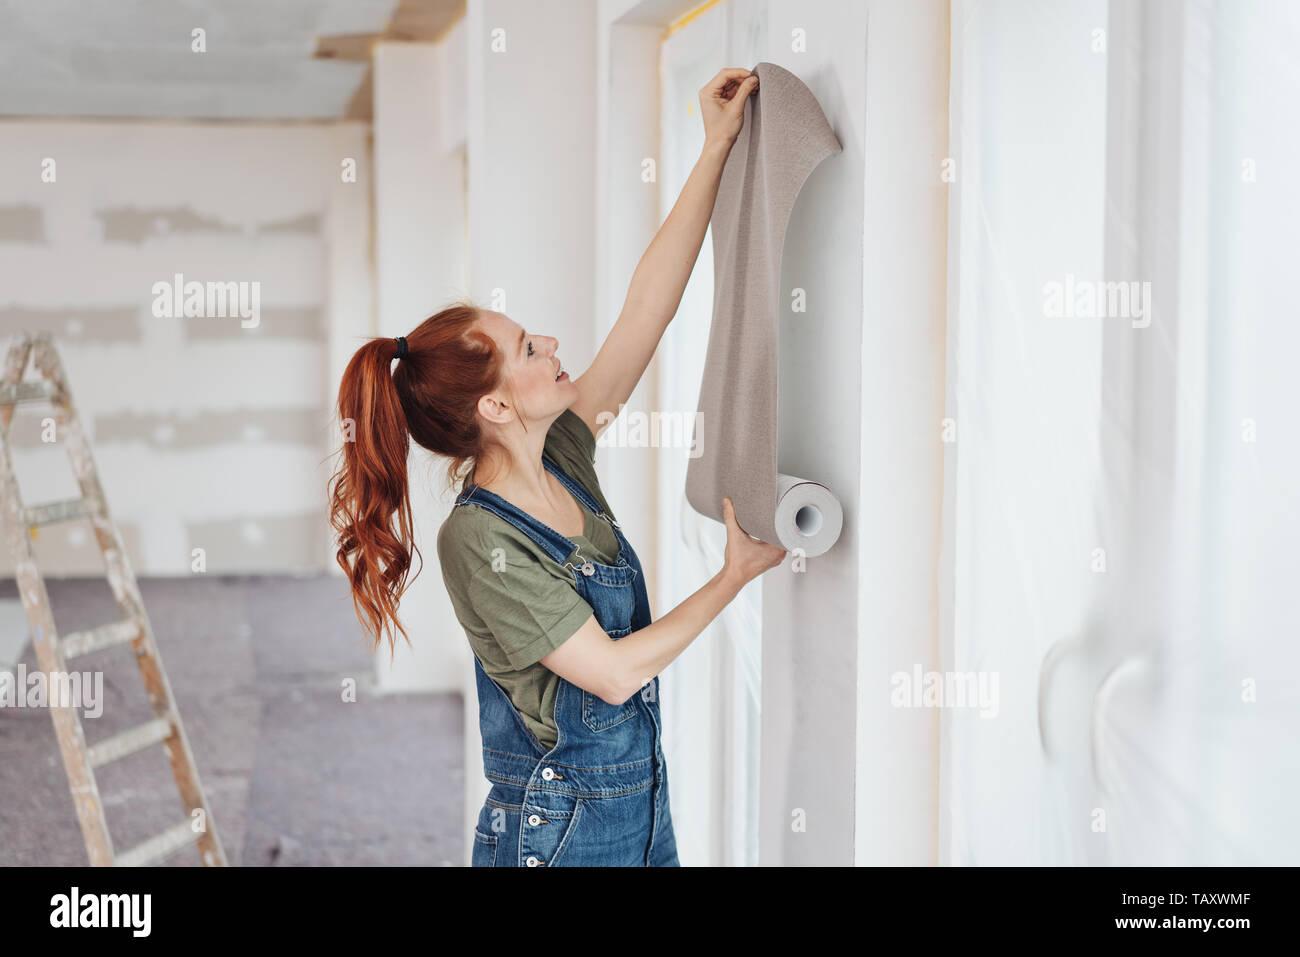 Jeune femme essayant de nouveaux fond d'écran à la maison maintenant la contre un mur blanc nouvellement peintes pour l'effet visuel Photo Stock